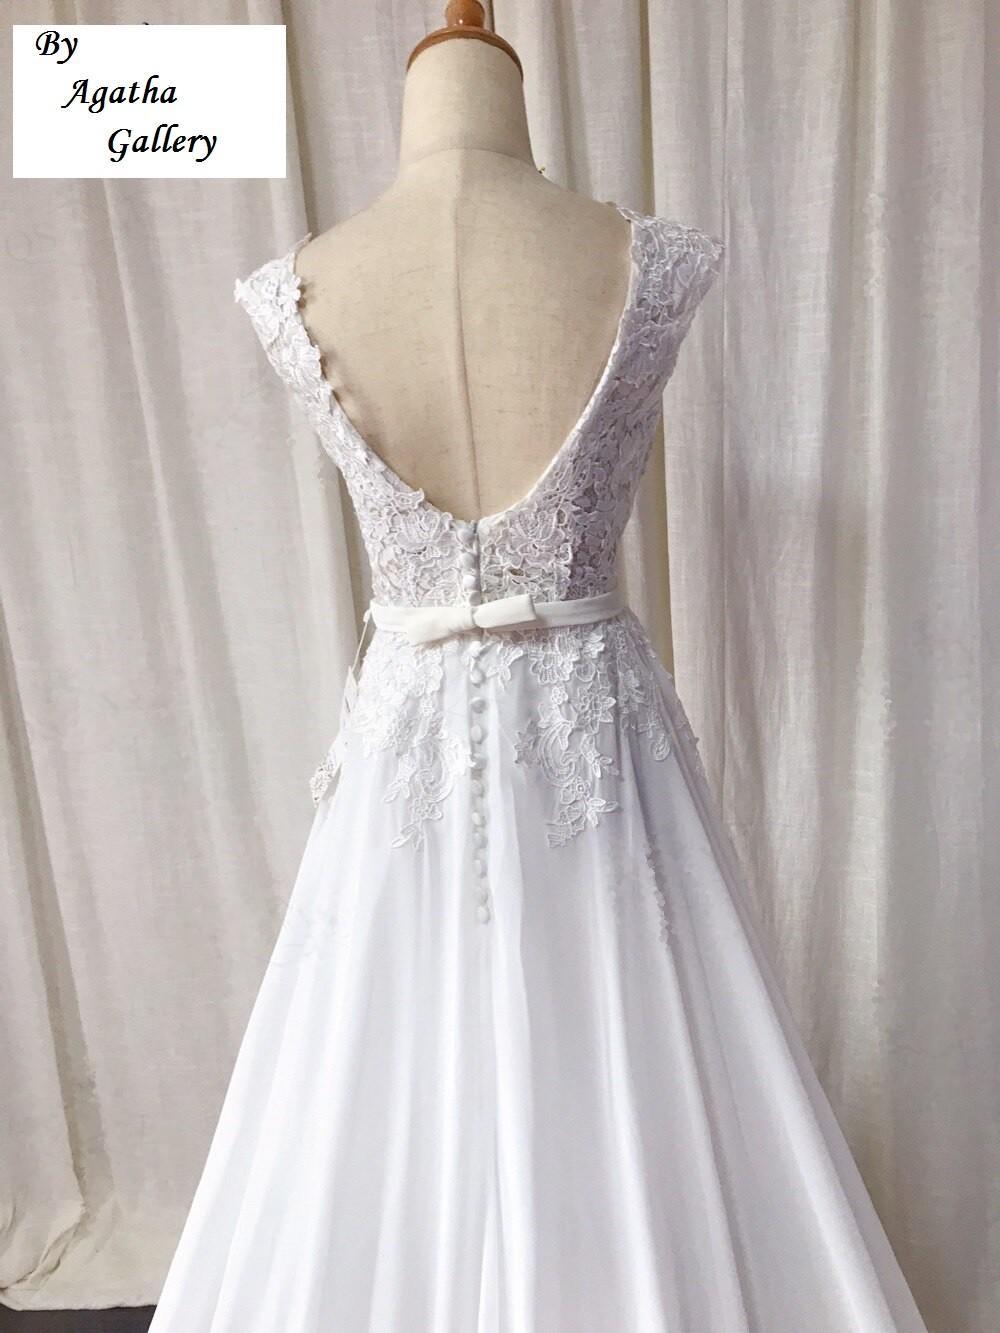 Dlhé svadobné šaty - EU 36/38 - Obrázok č. 4